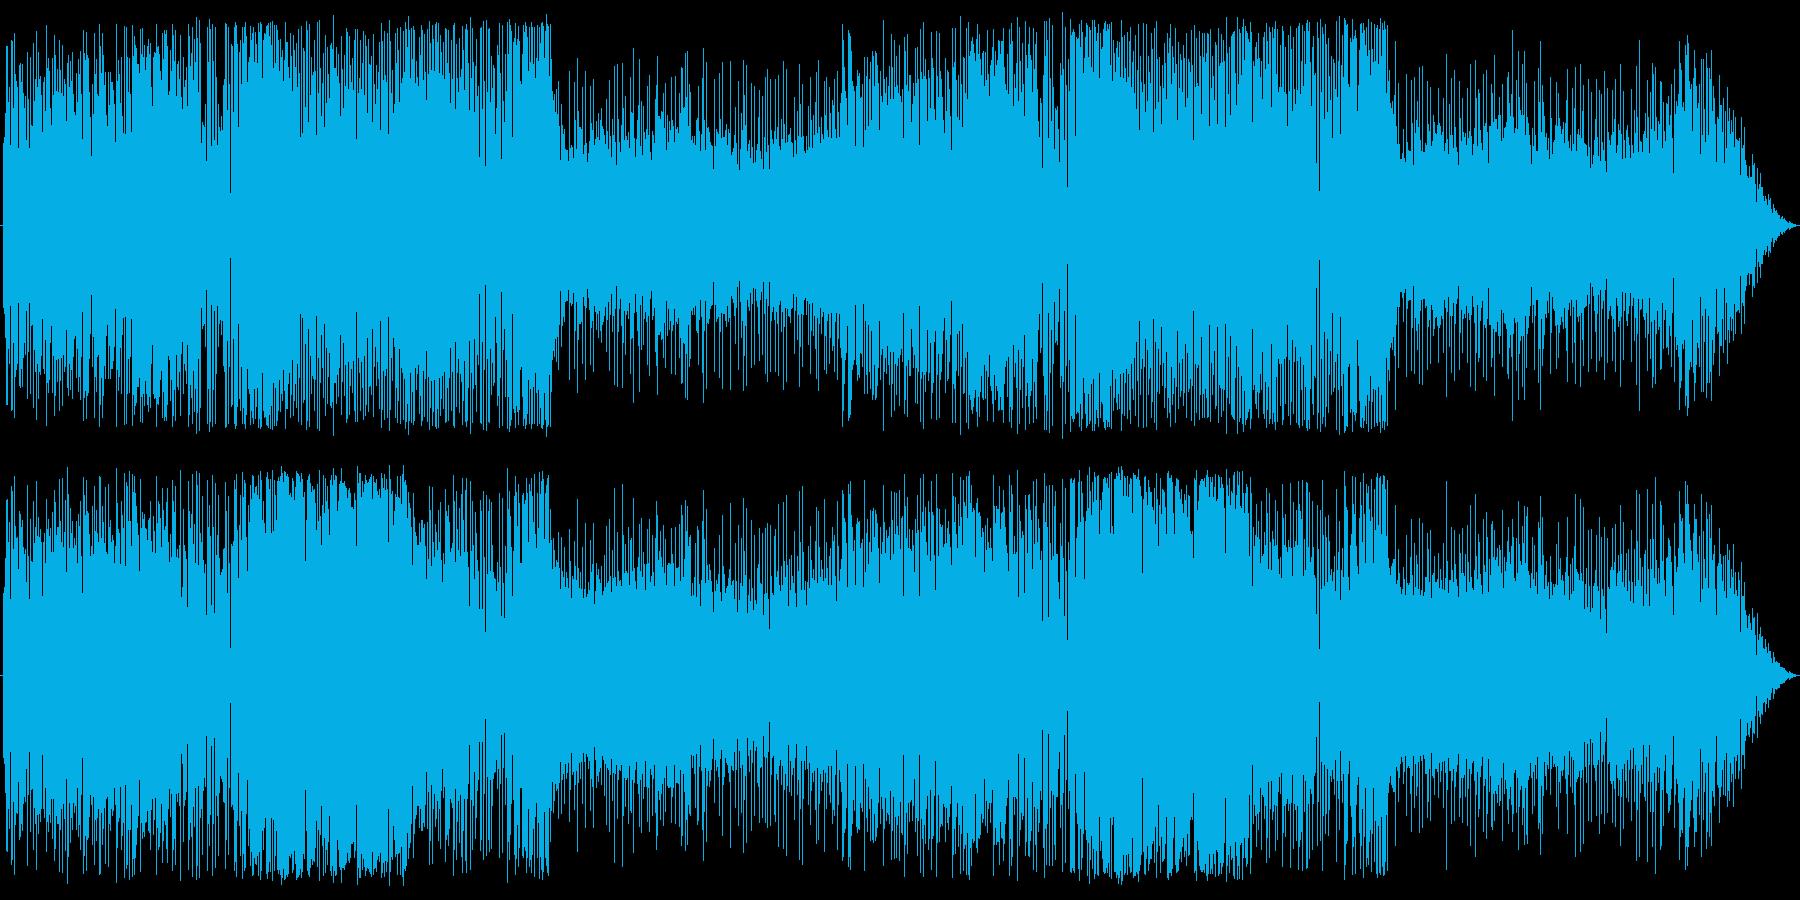 アコーディオンとチェロの港町らしい曲の再生済みの波形